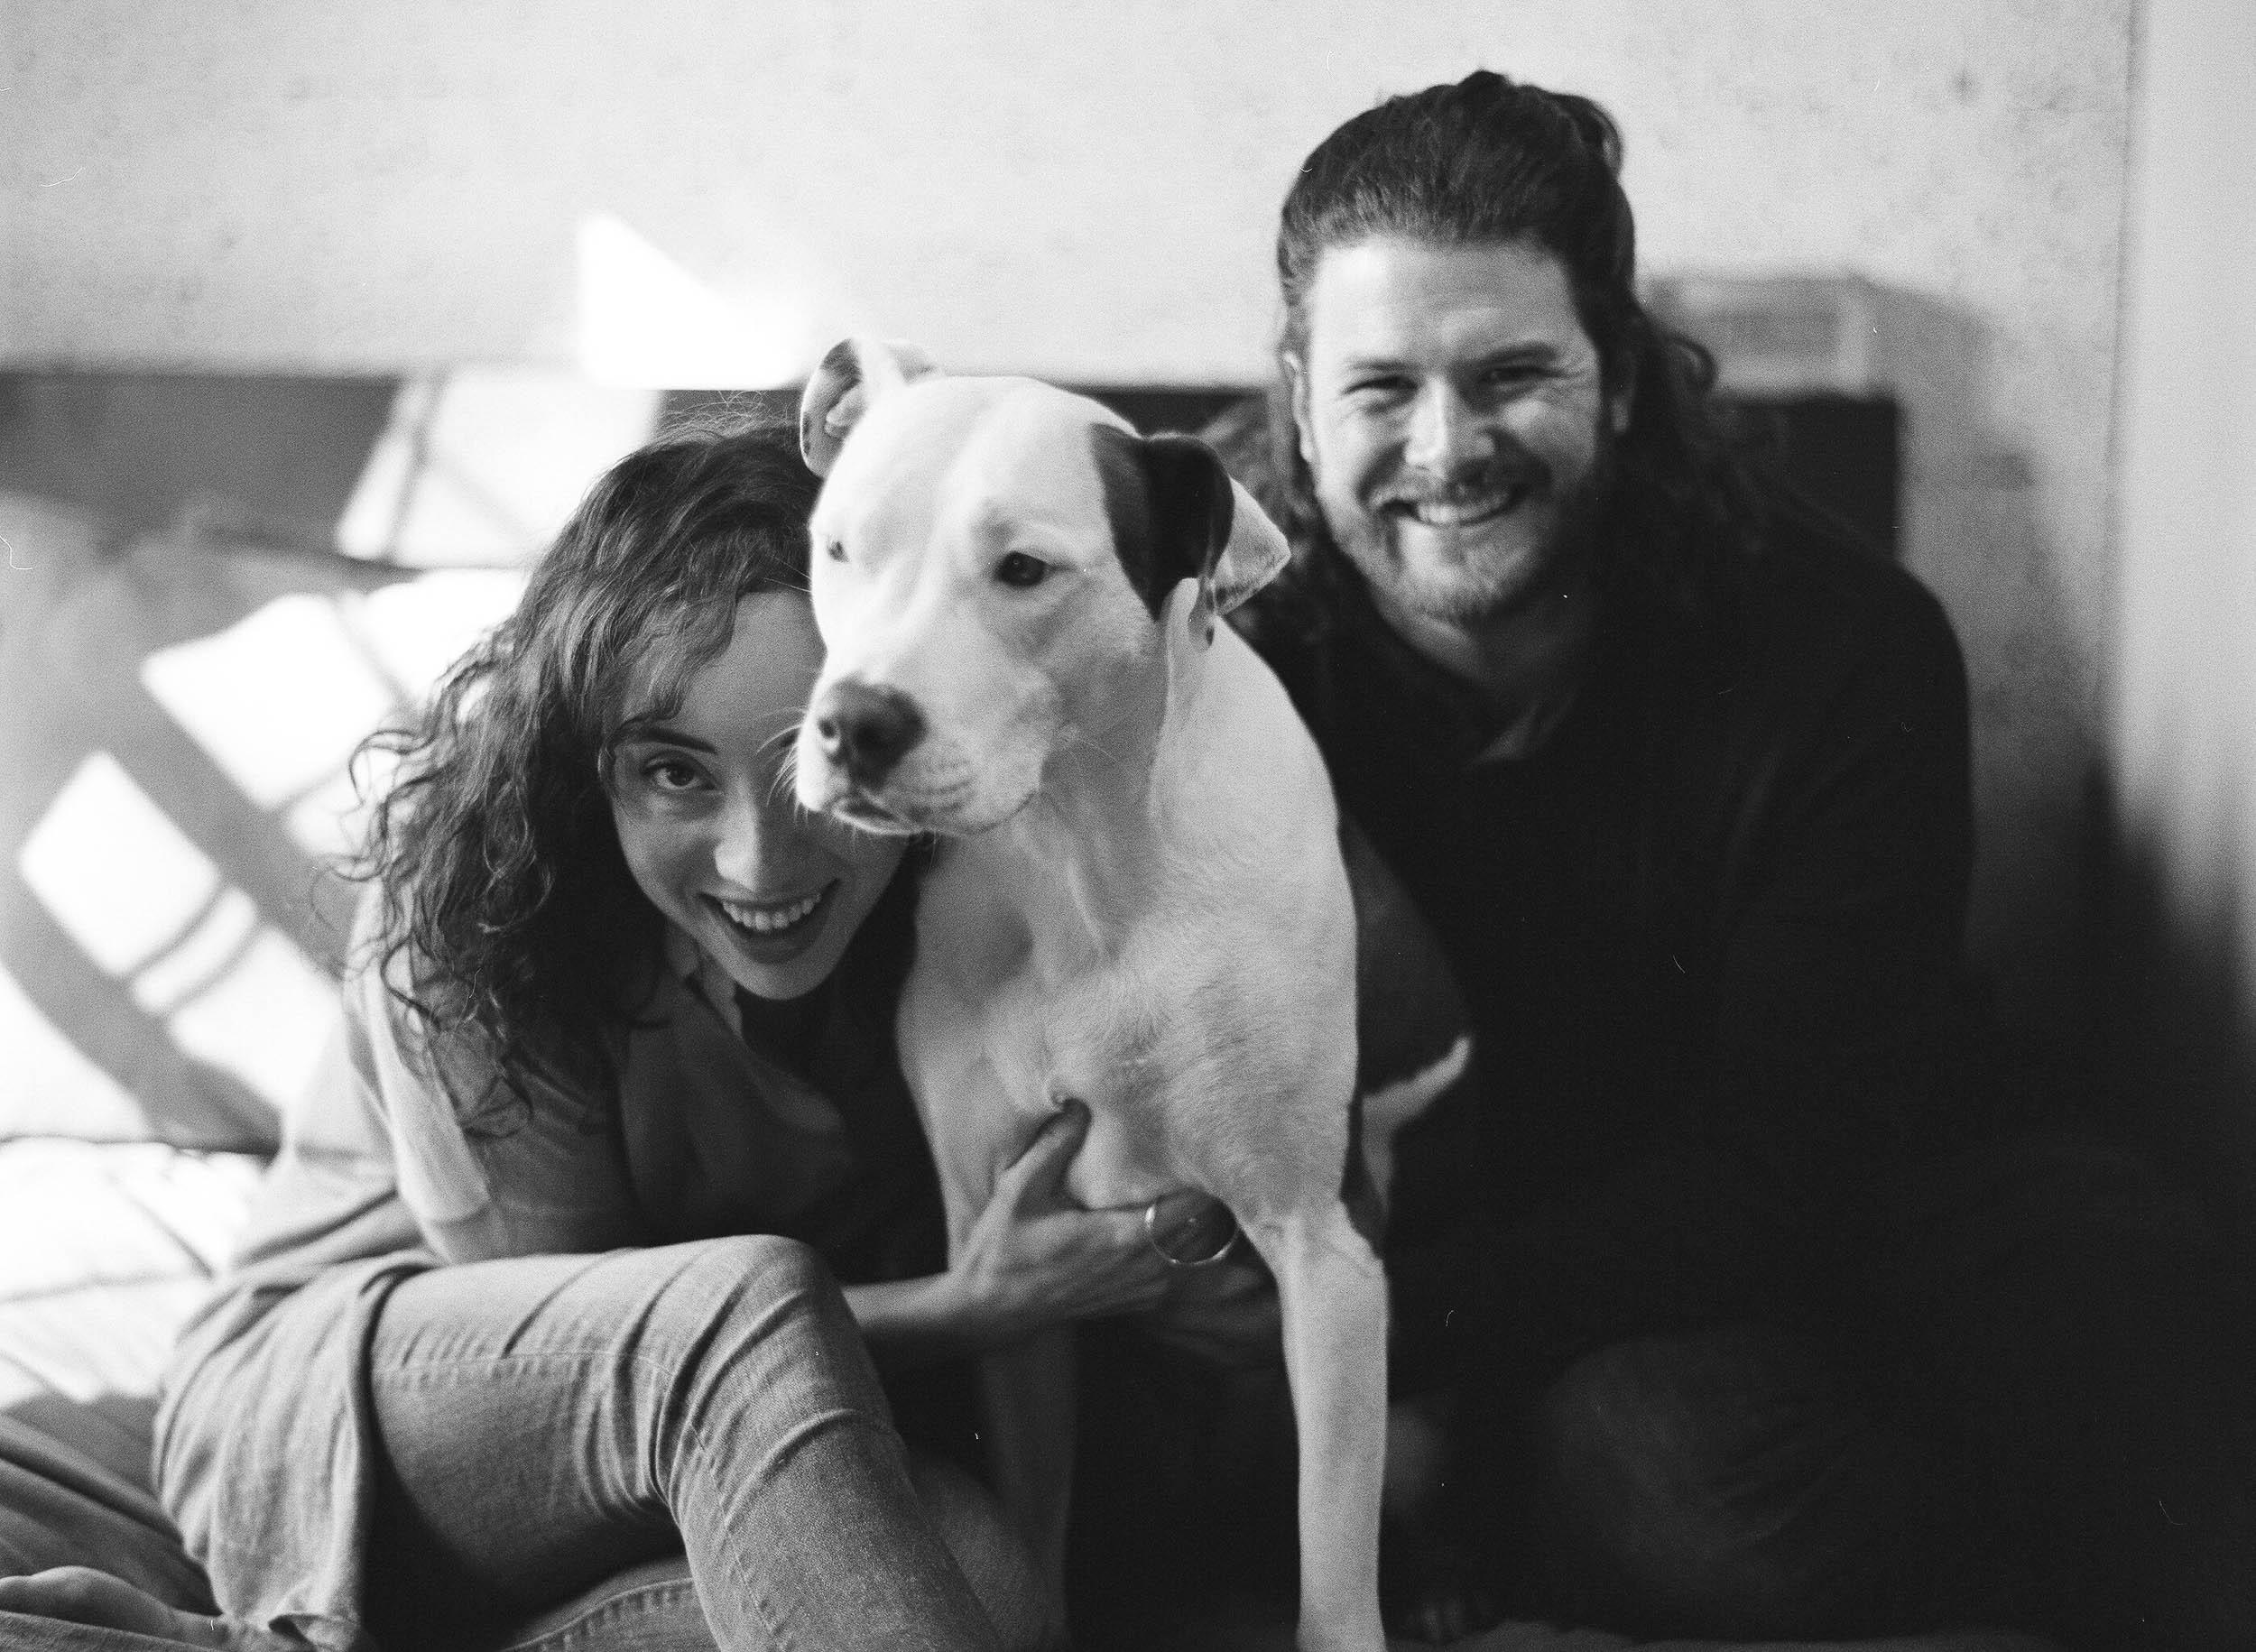 Kristen-Humbert-Family-Photoshoot-Philadelphia_Ruby-James-W-2-59.jpg